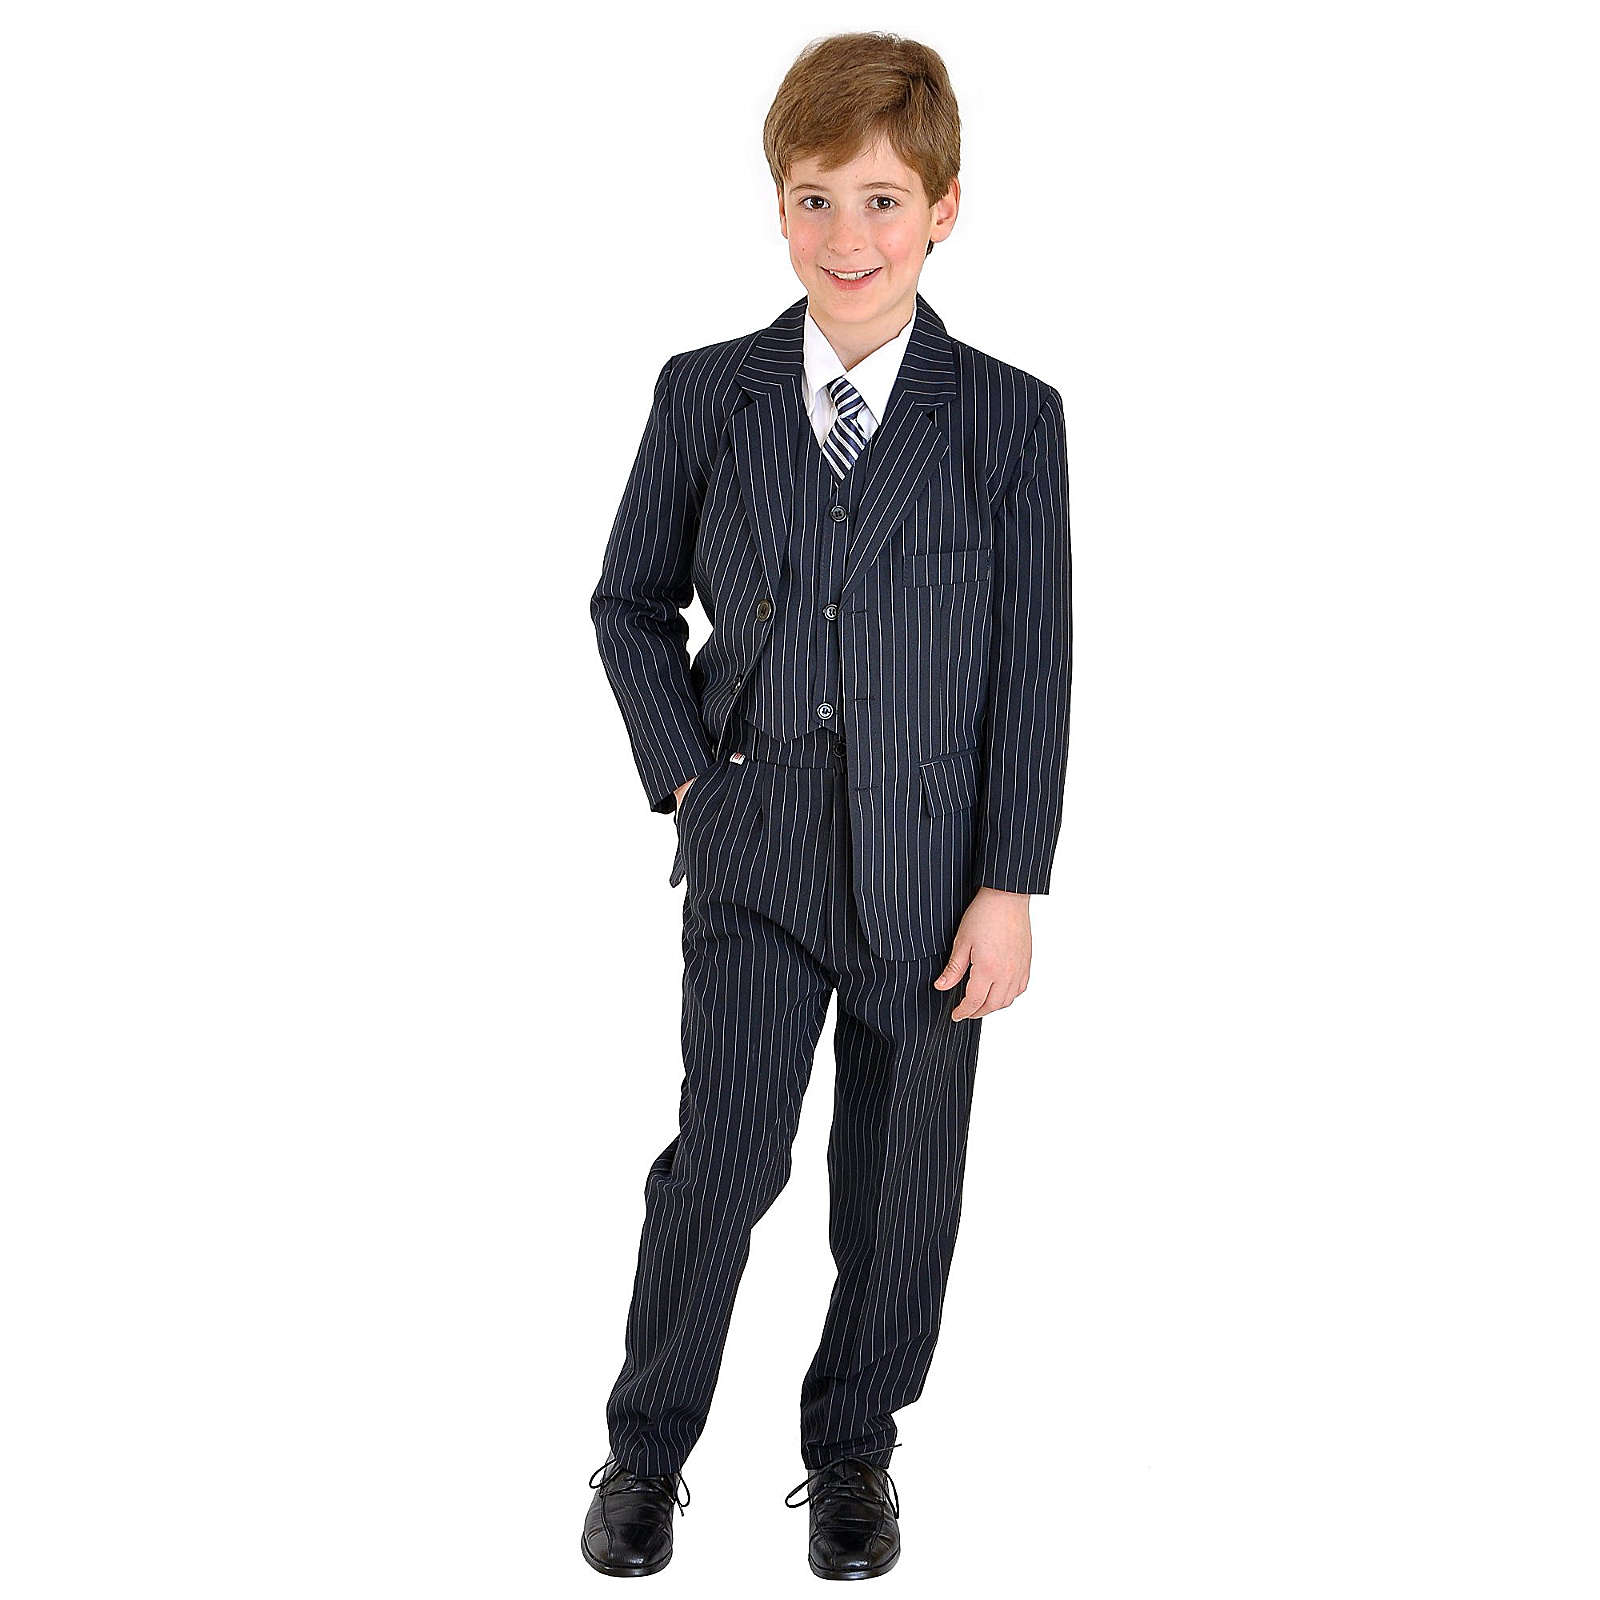 familytrends family-trends Festtagsanzug Anzüge dunkelblau Junge Gr. 98